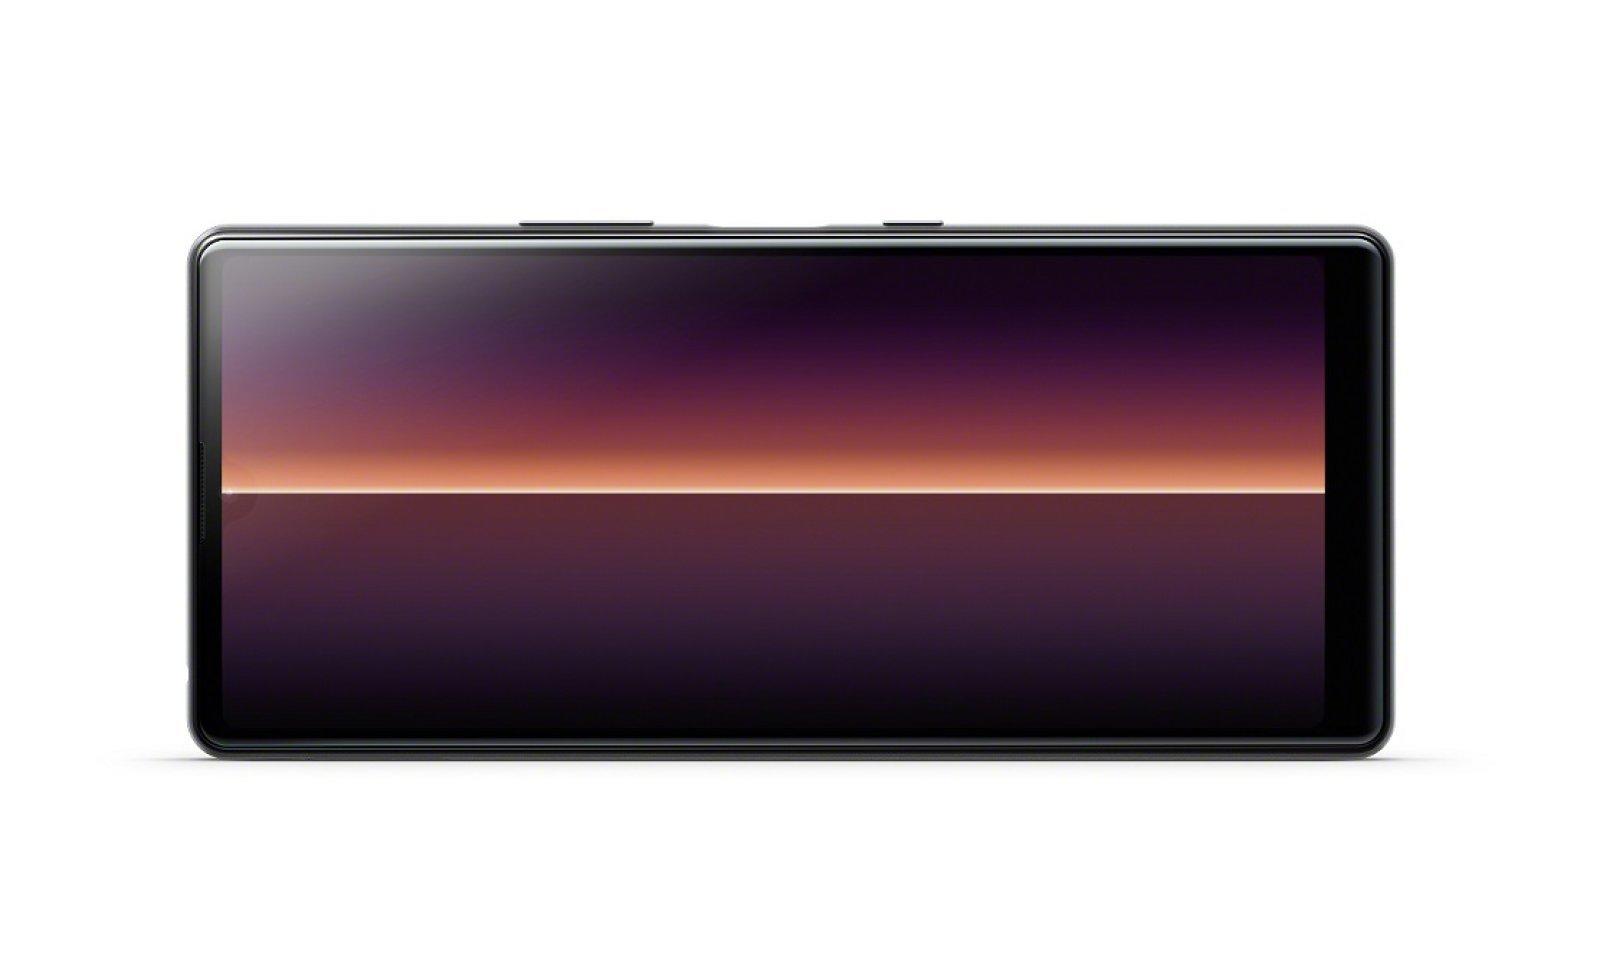 سوني تكشف عن هاتف Xperia L4  الجديد من الفئة المنخفضة